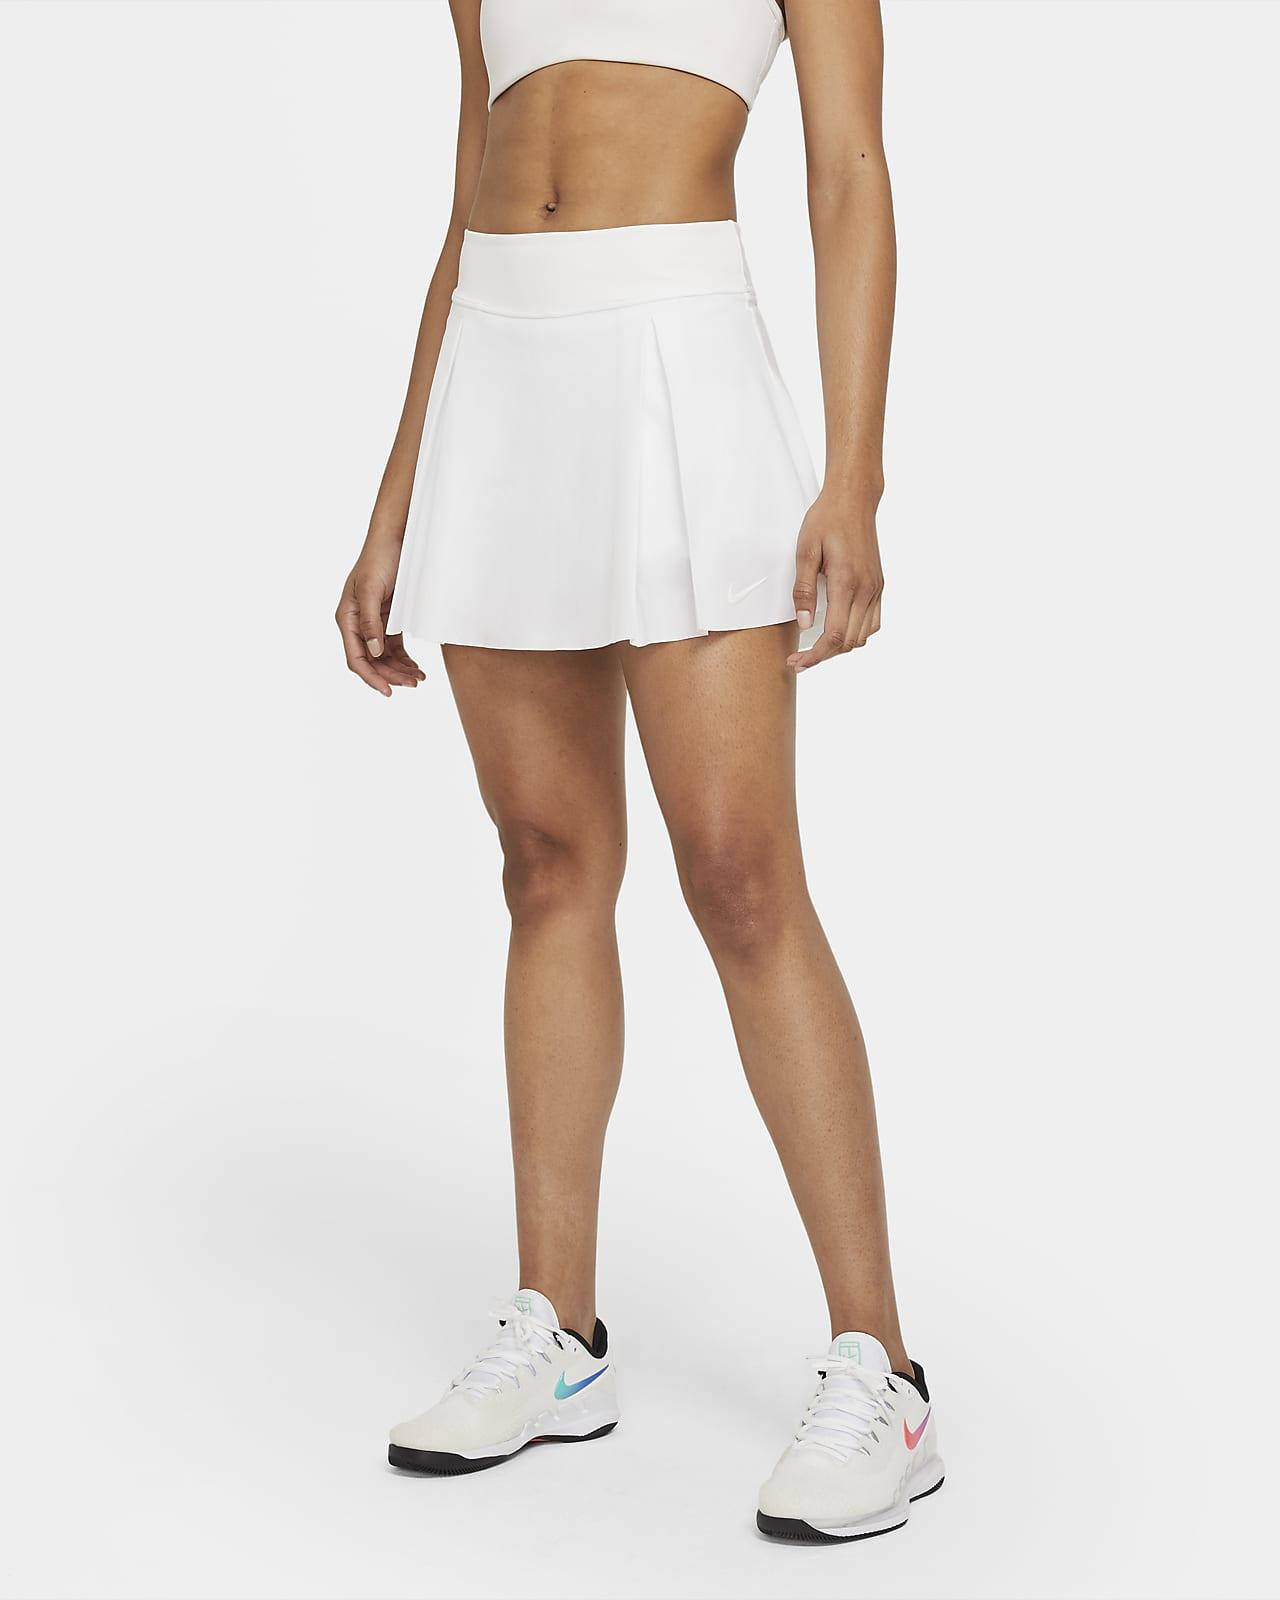 Jupe de tennis classique Nike Club Skirt pour Femme (taille longue)